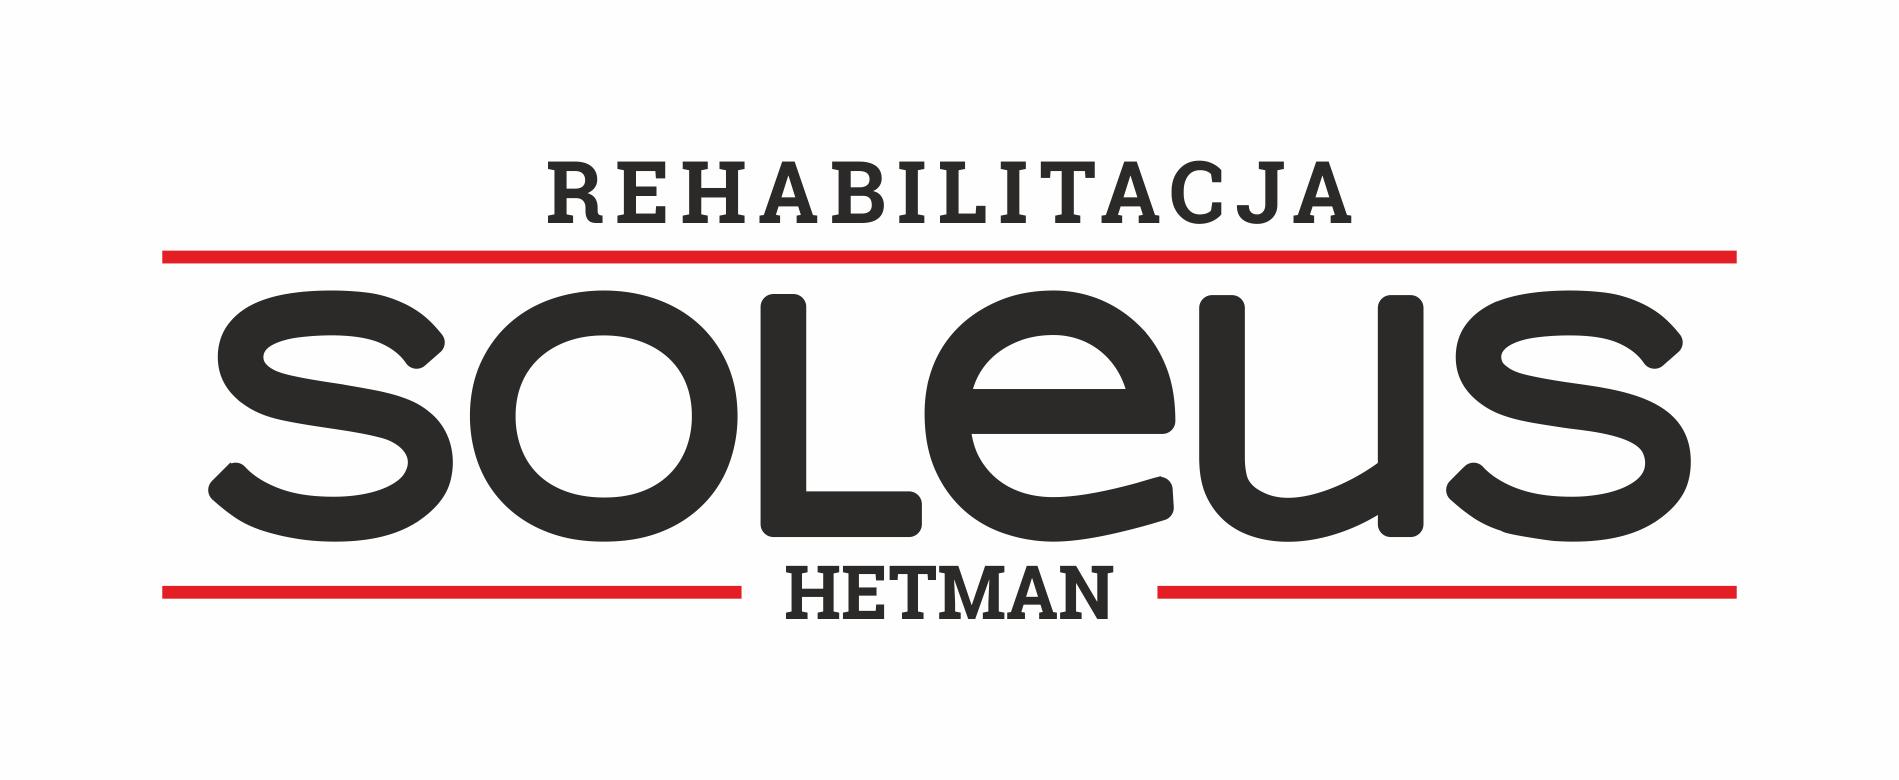 SOLEUS HETMAN logo